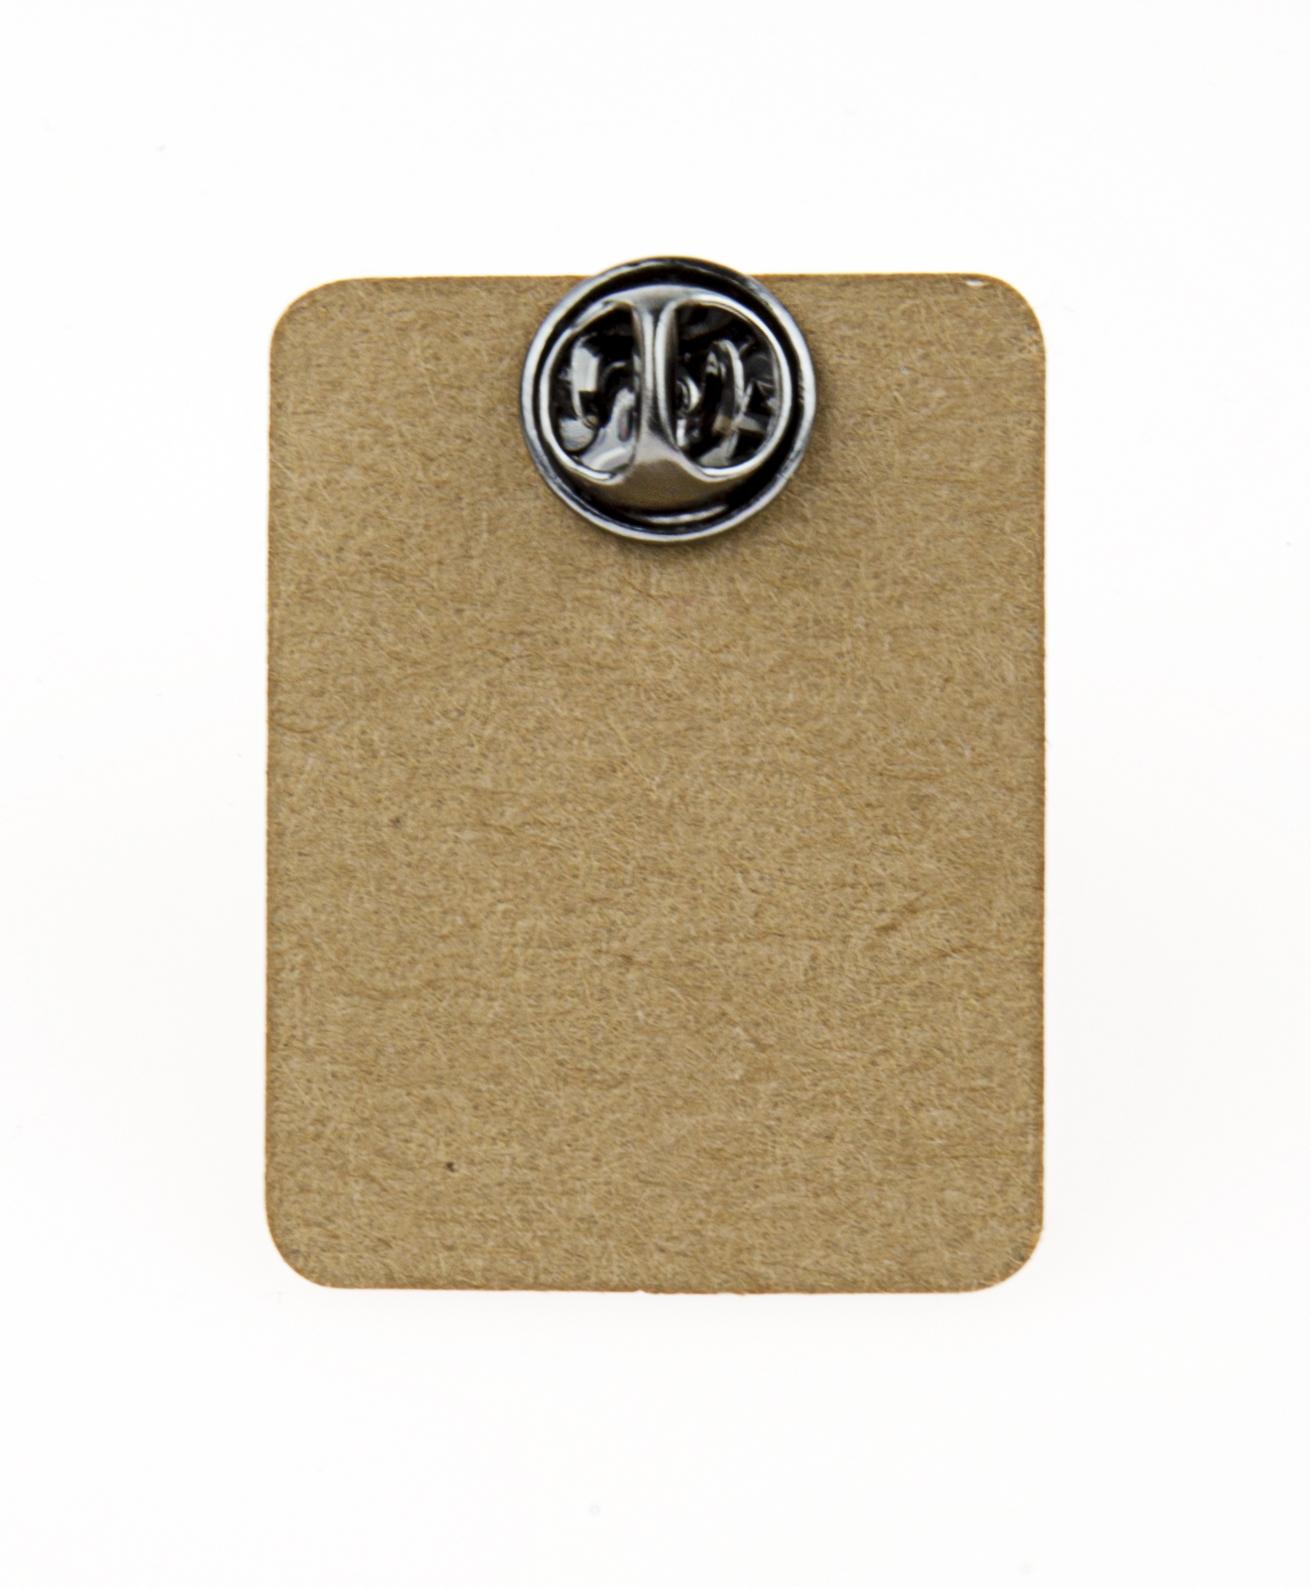 Metal Cat Pizza Slice Enamel Pin Badge